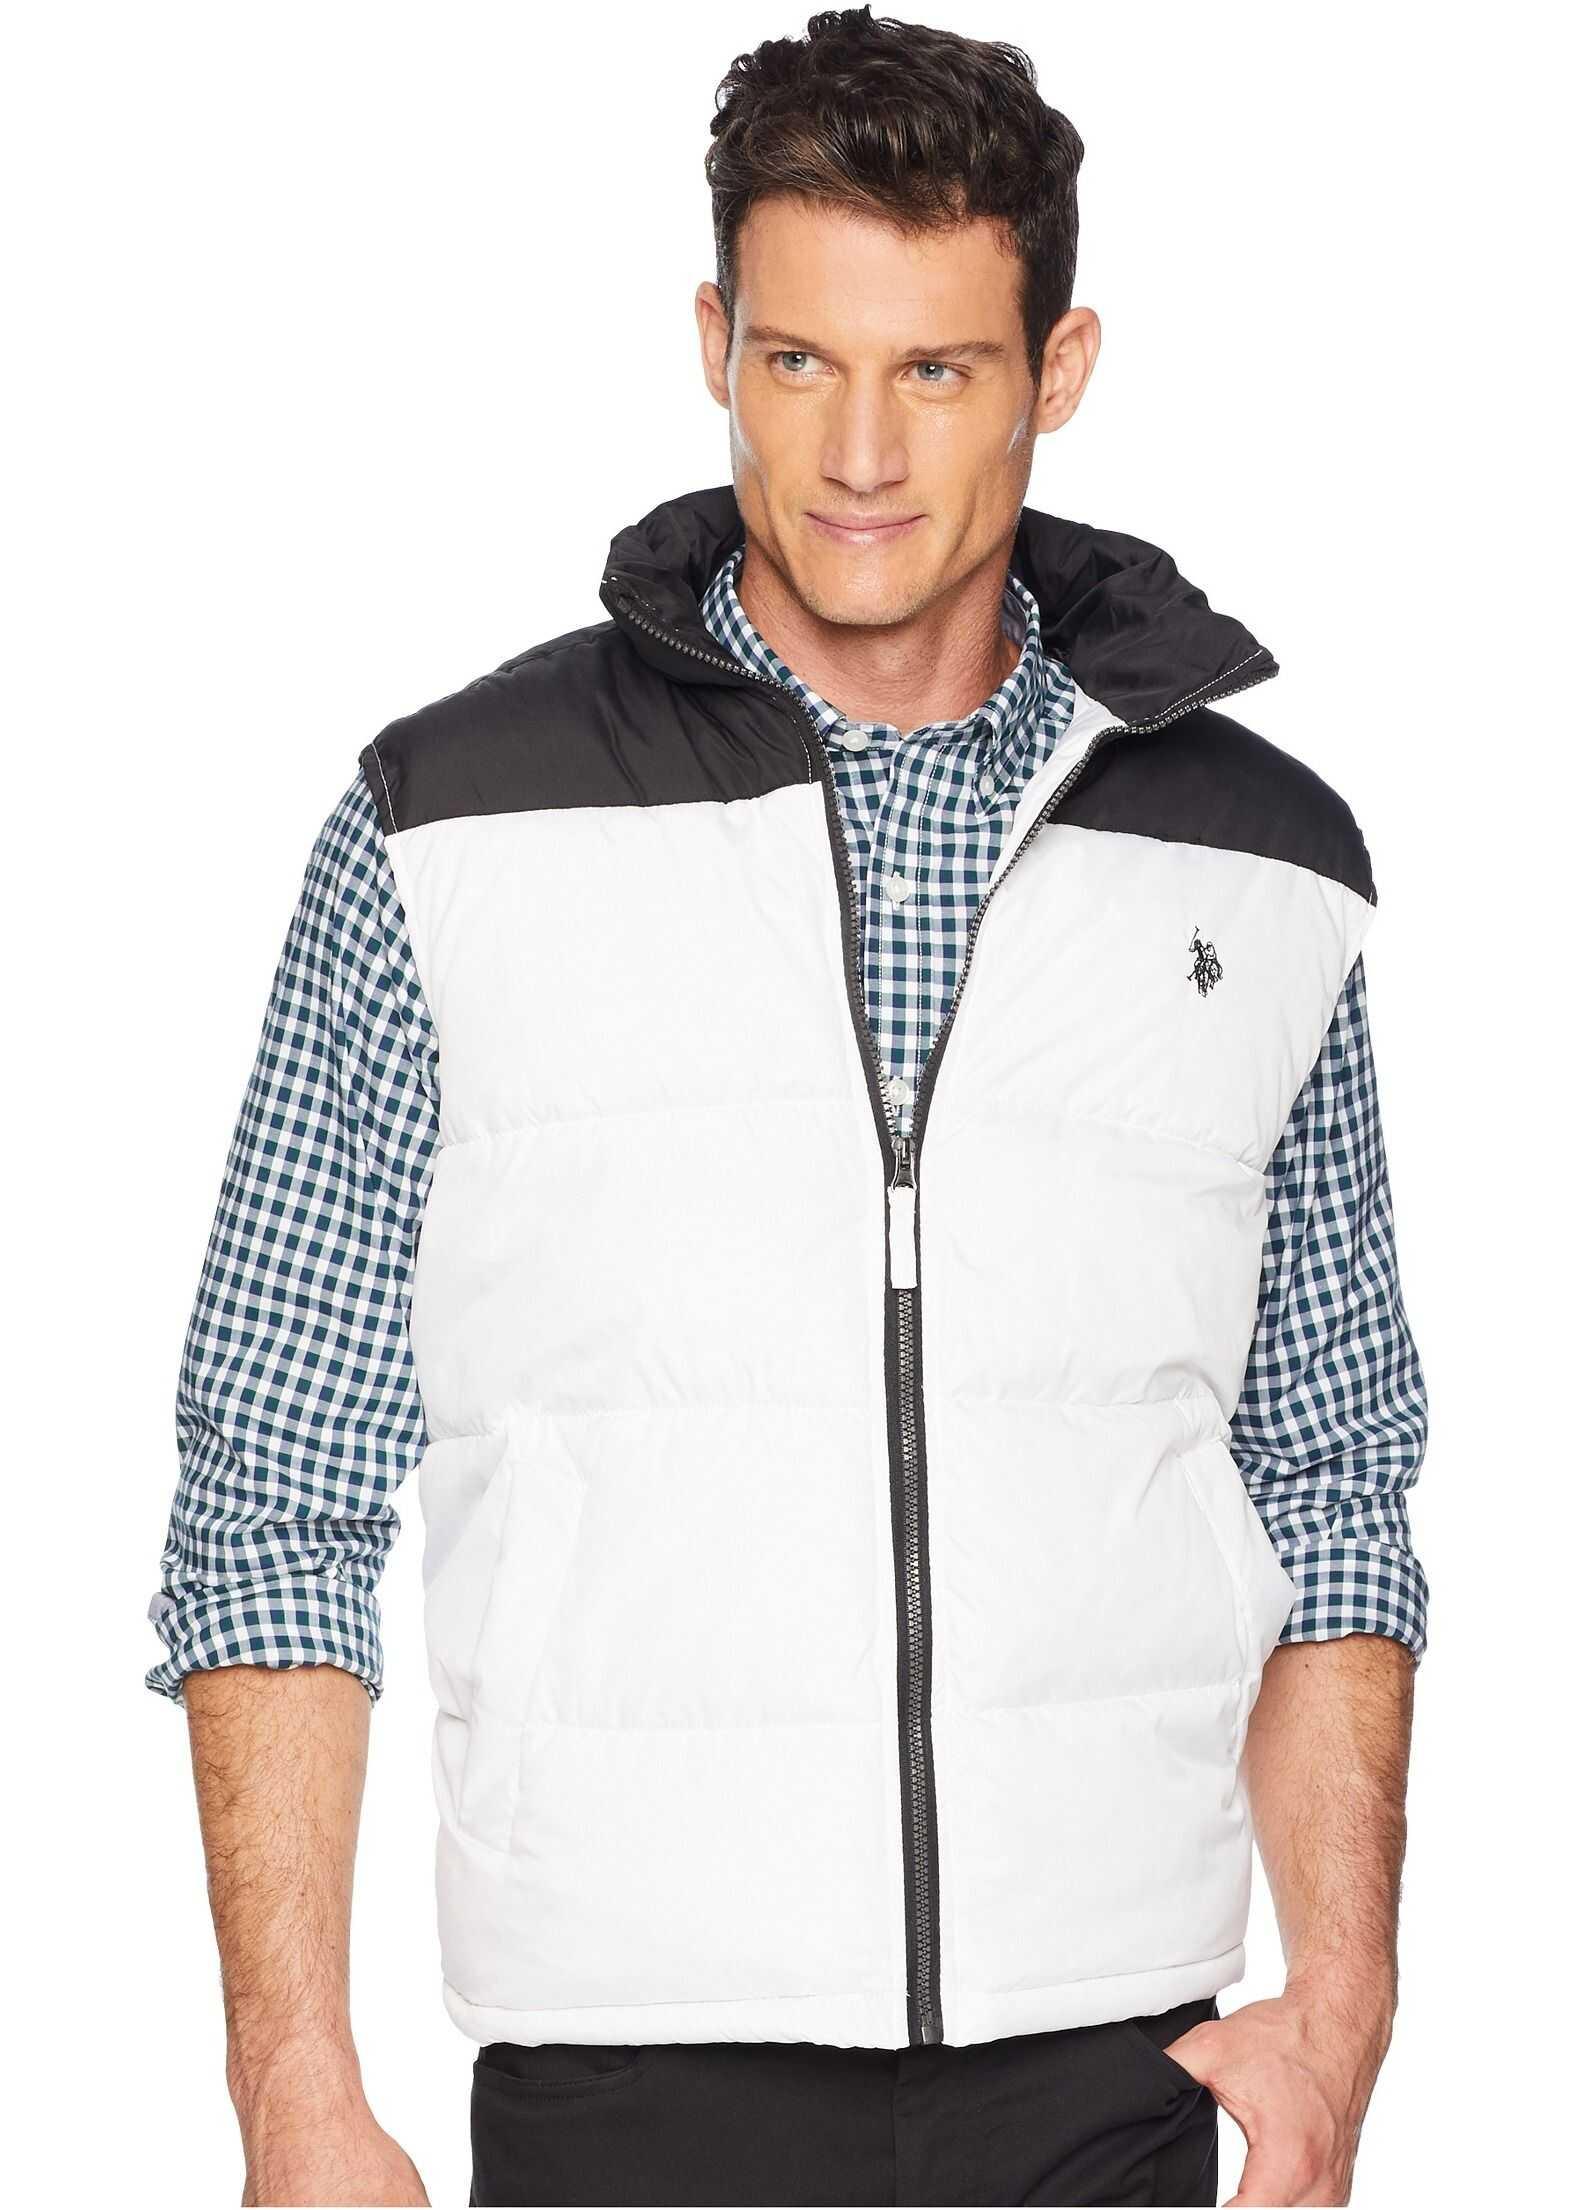 U.S. POLO ASSN. Color Block Vest White